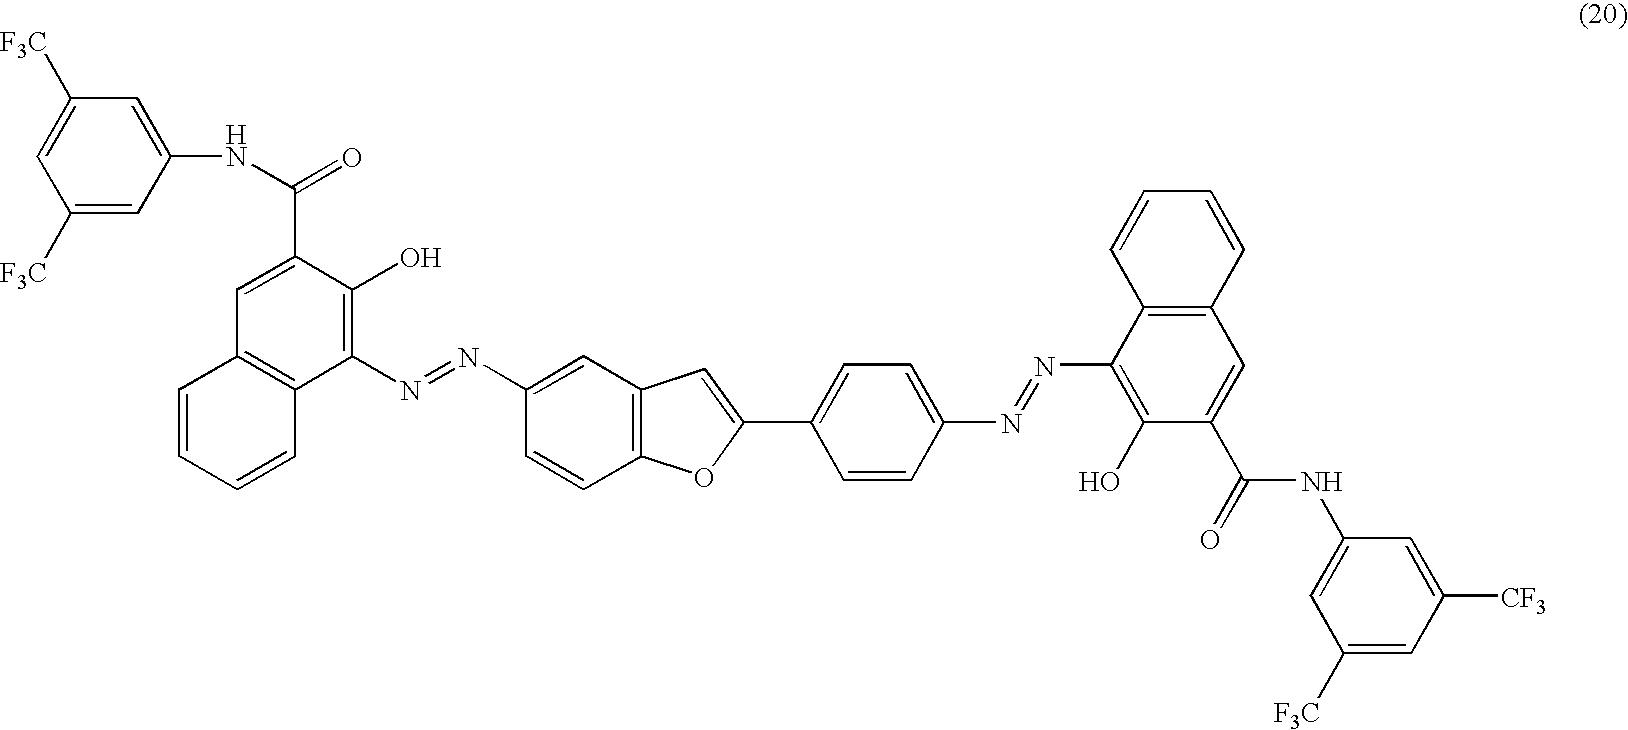 Figure US07794907-20100914-C00347